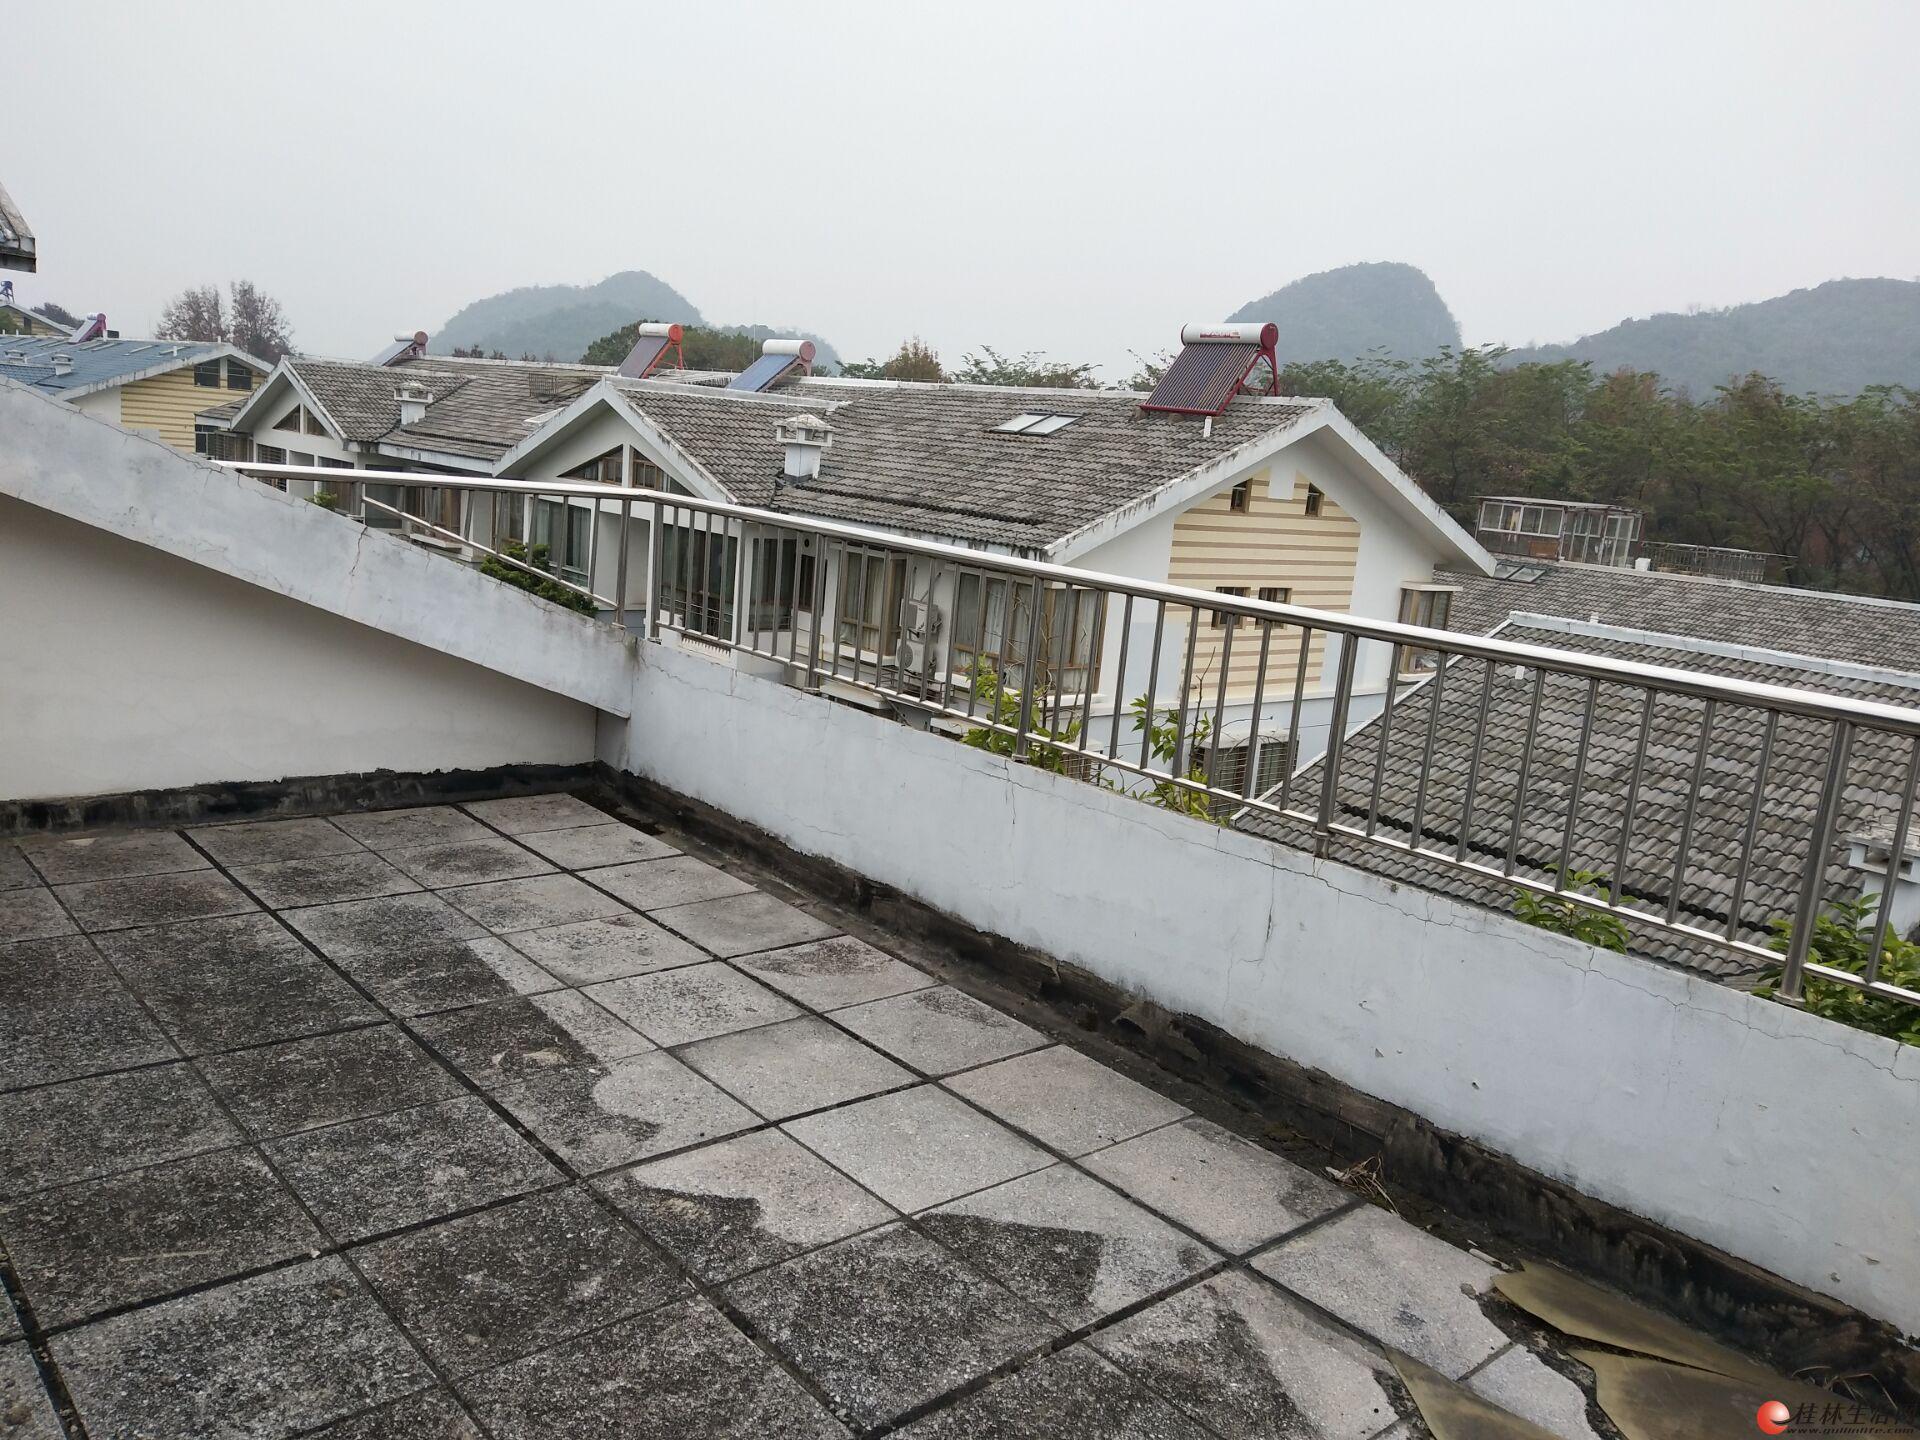 龙隐学区房!山景房!公园绿涛湾 清水顶层复式+阁楼+露台 139万